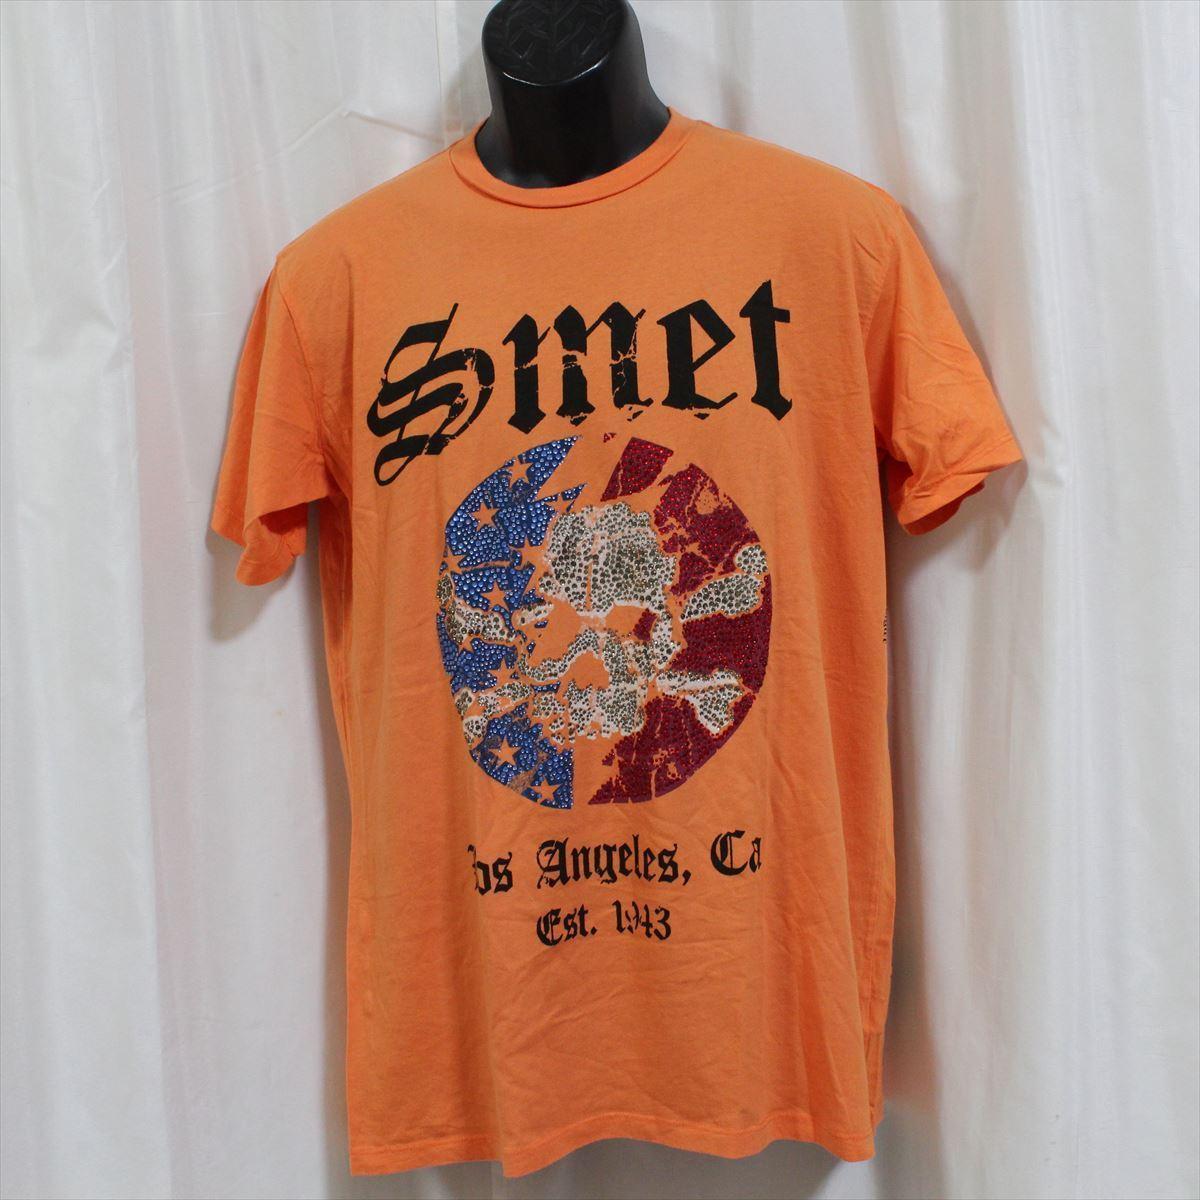 スメット SMET メンズ半袖Tシャツ オレンジ Mサイズ NO3 新品_画像1